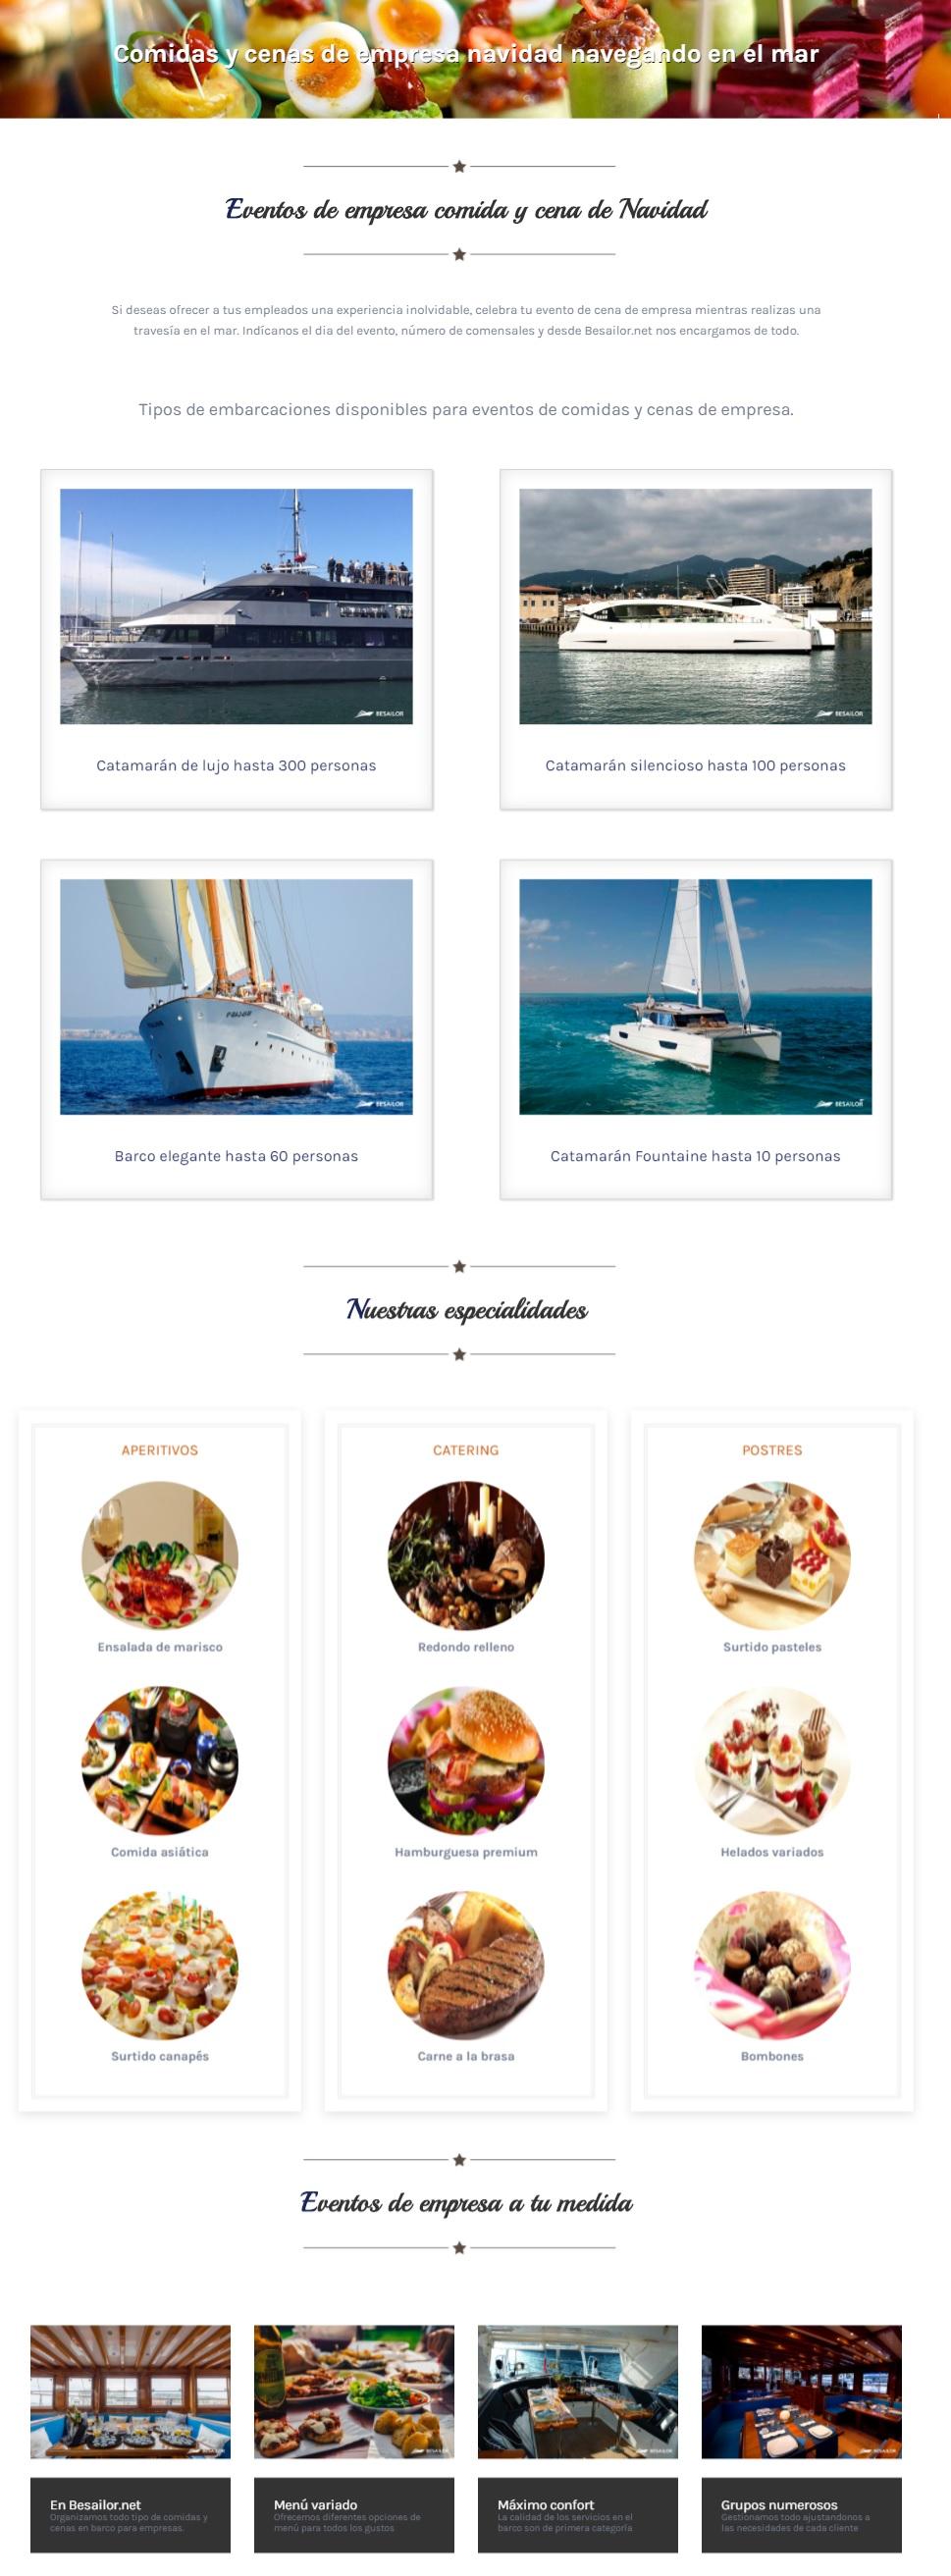 Canapes variados para cenas y comidas de empresa en barco